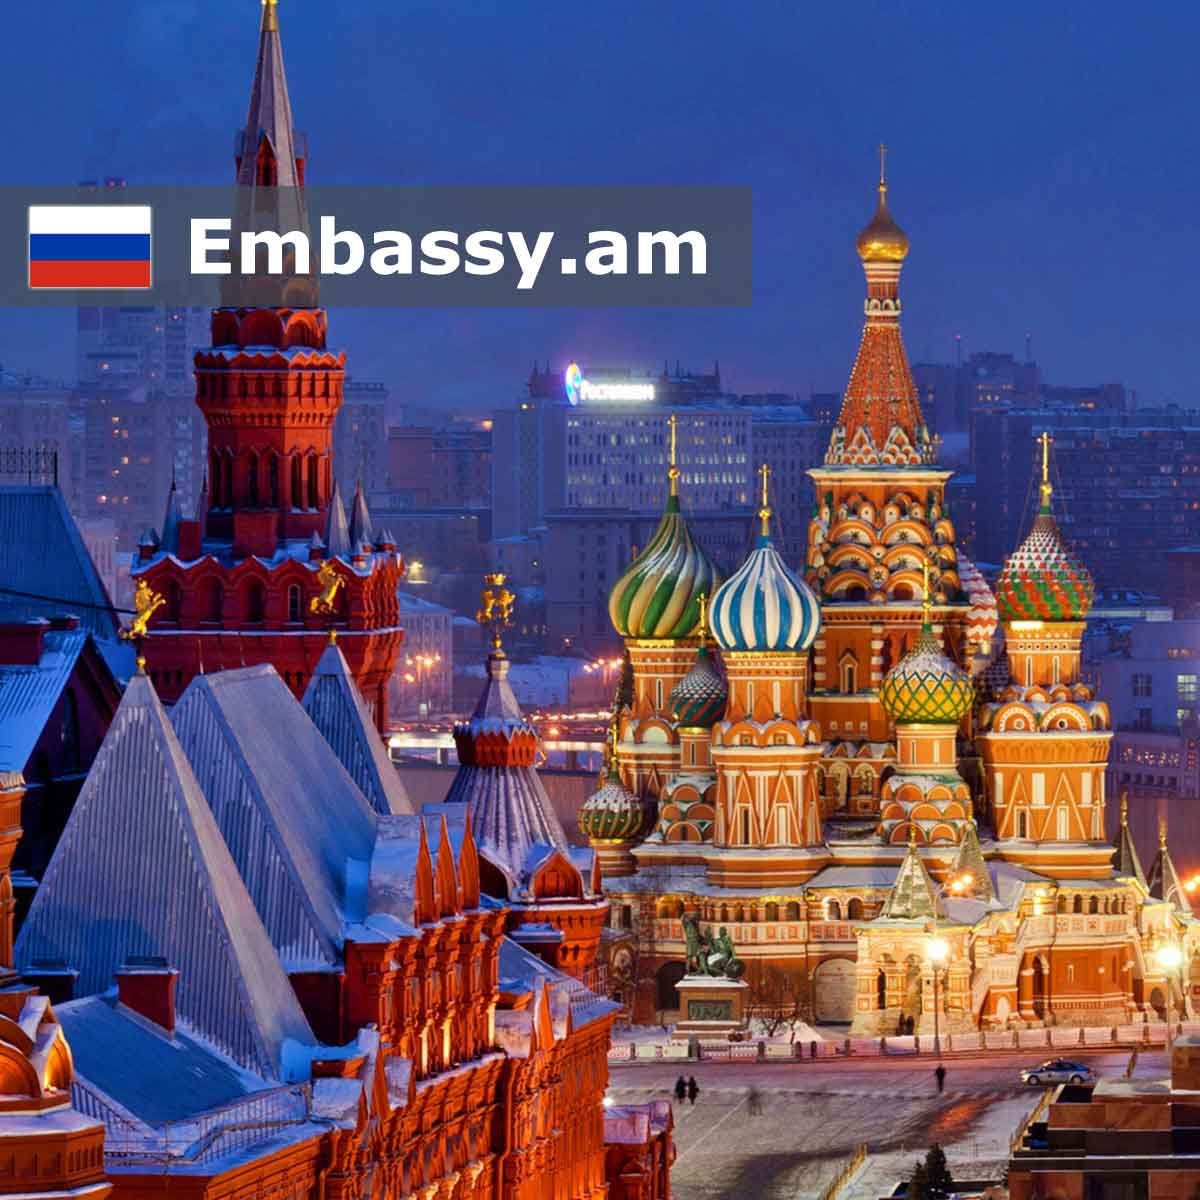 Отели в России - Embassy.am